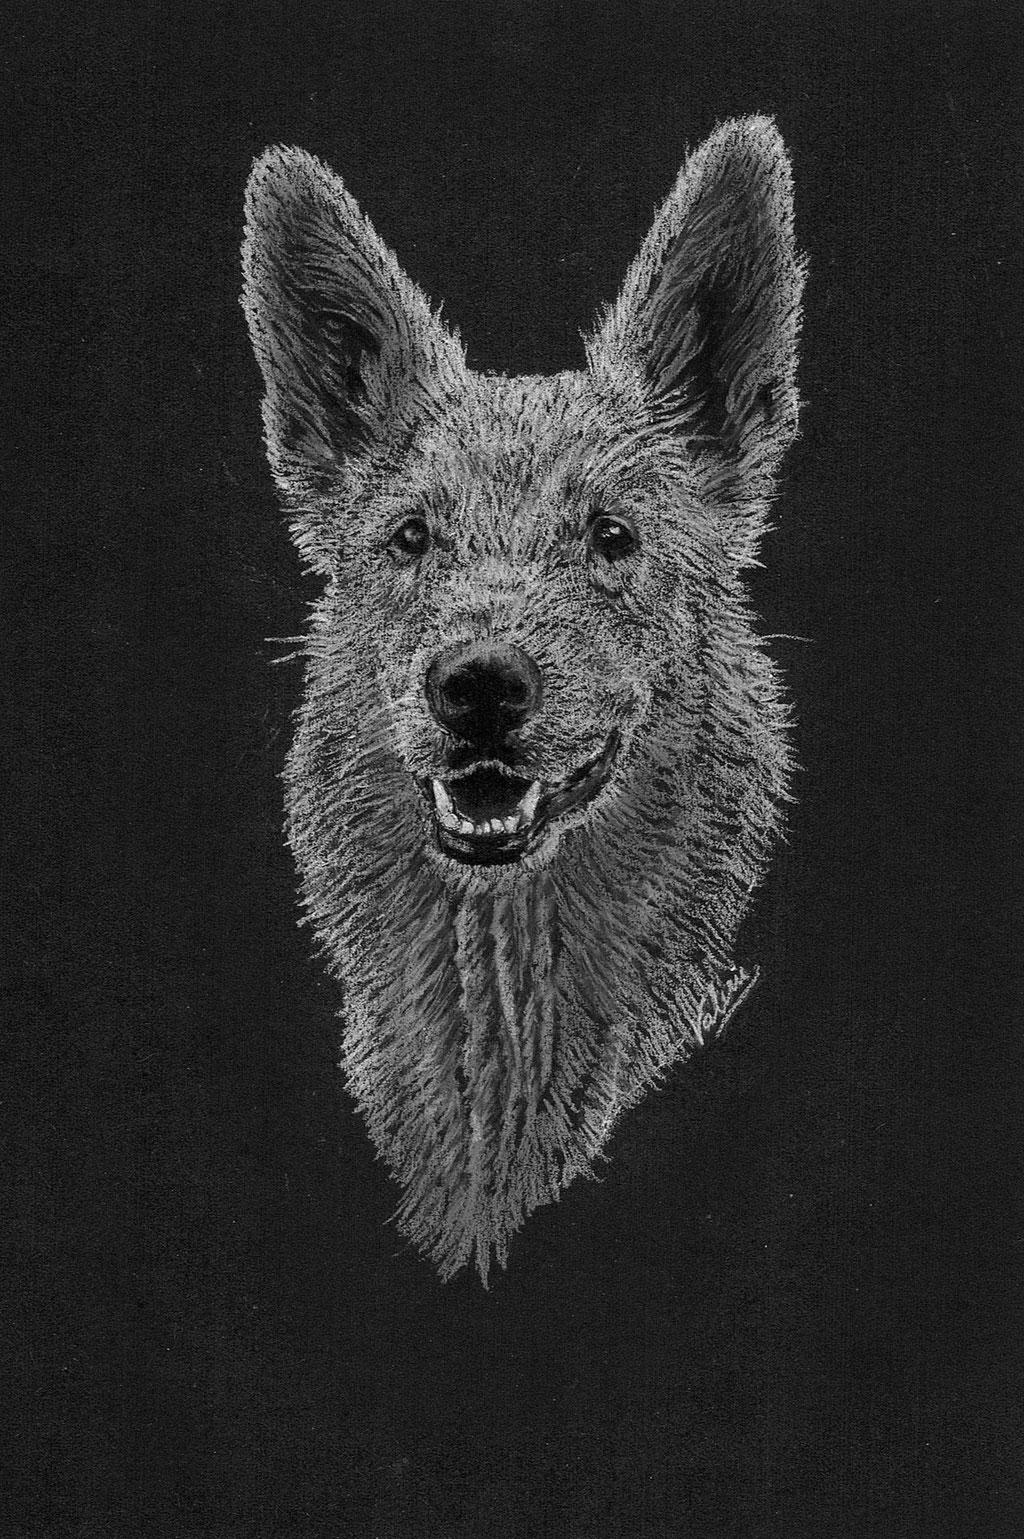 Dierenportret zwitserse witte herder: Wit potlood op zwart papier (2016)